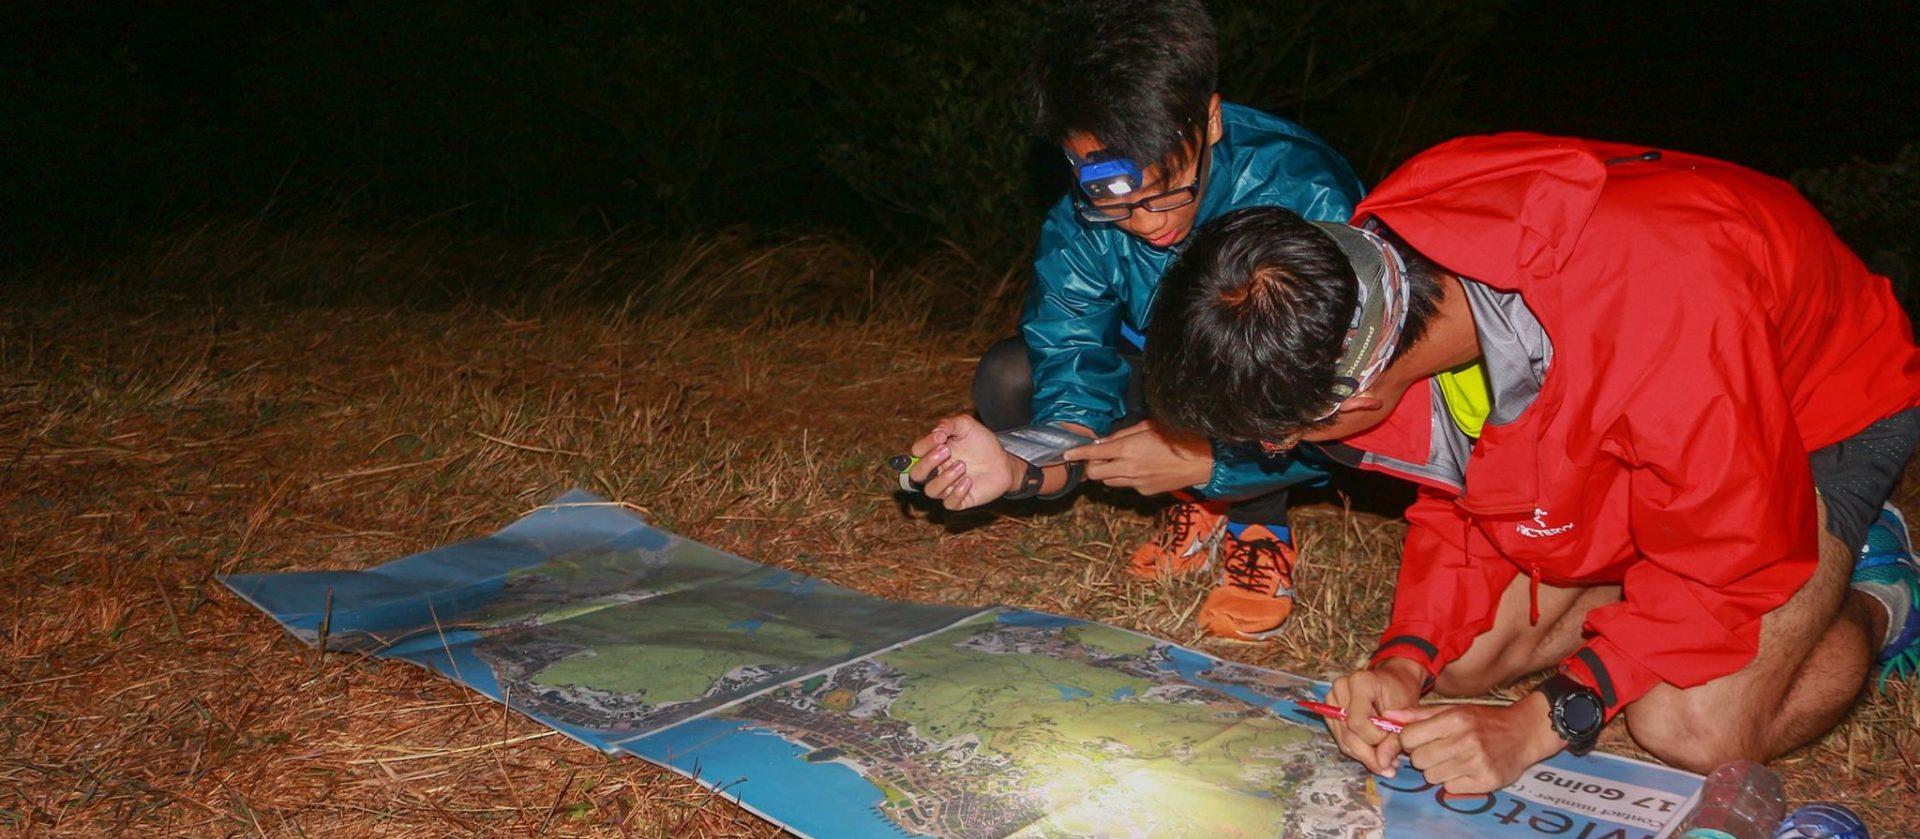 MetOC 都會定向會 | 香港定向比賽 Orienteering in Hong Kong